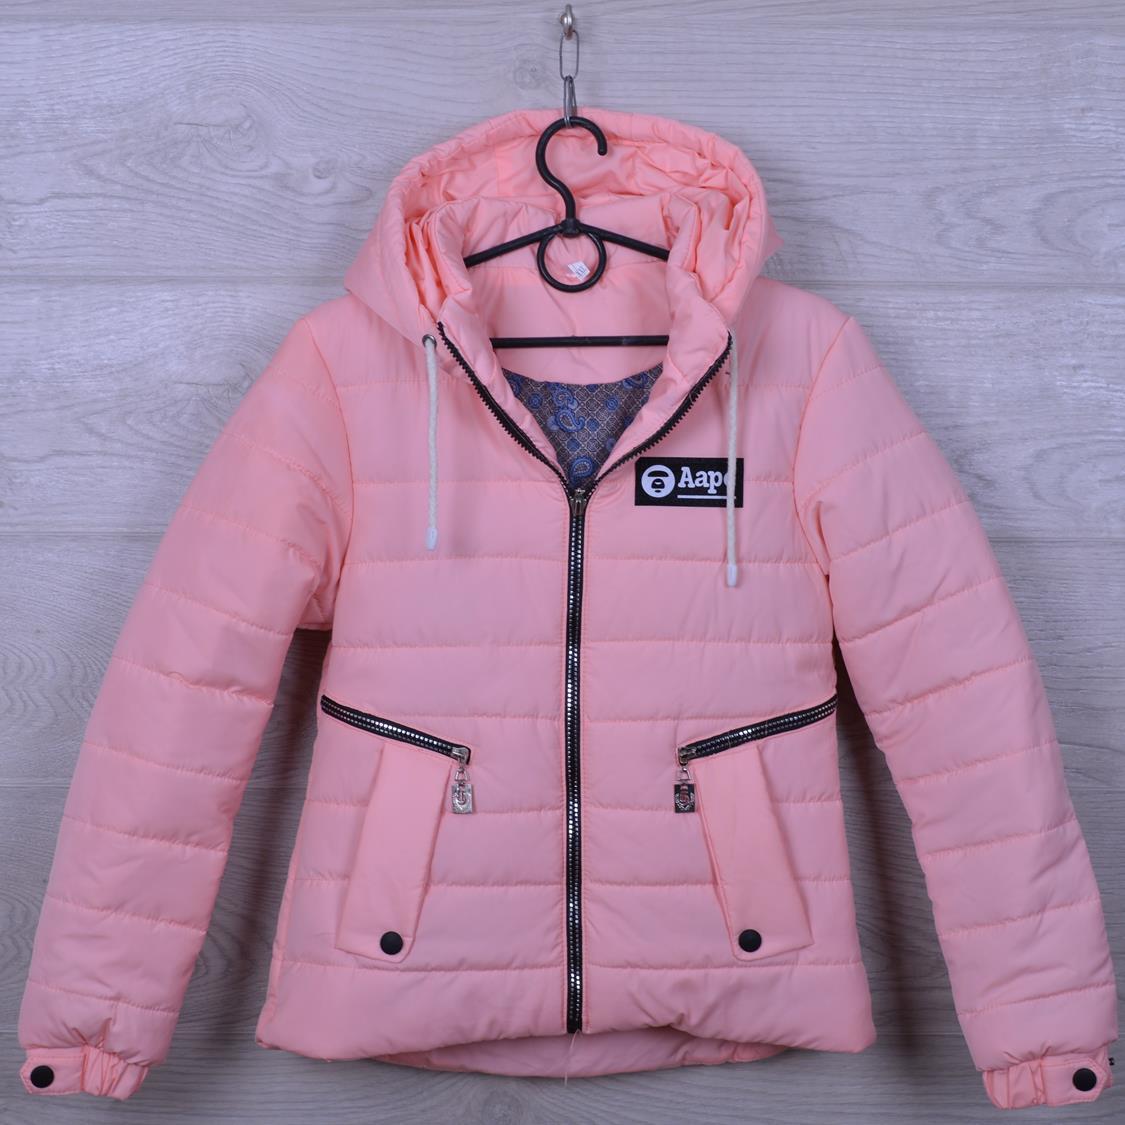 """Куртка подростковая демисезонная """"AaPe"""" для девочек. 10-14 лет. Розово-пудровая. Оптом."""